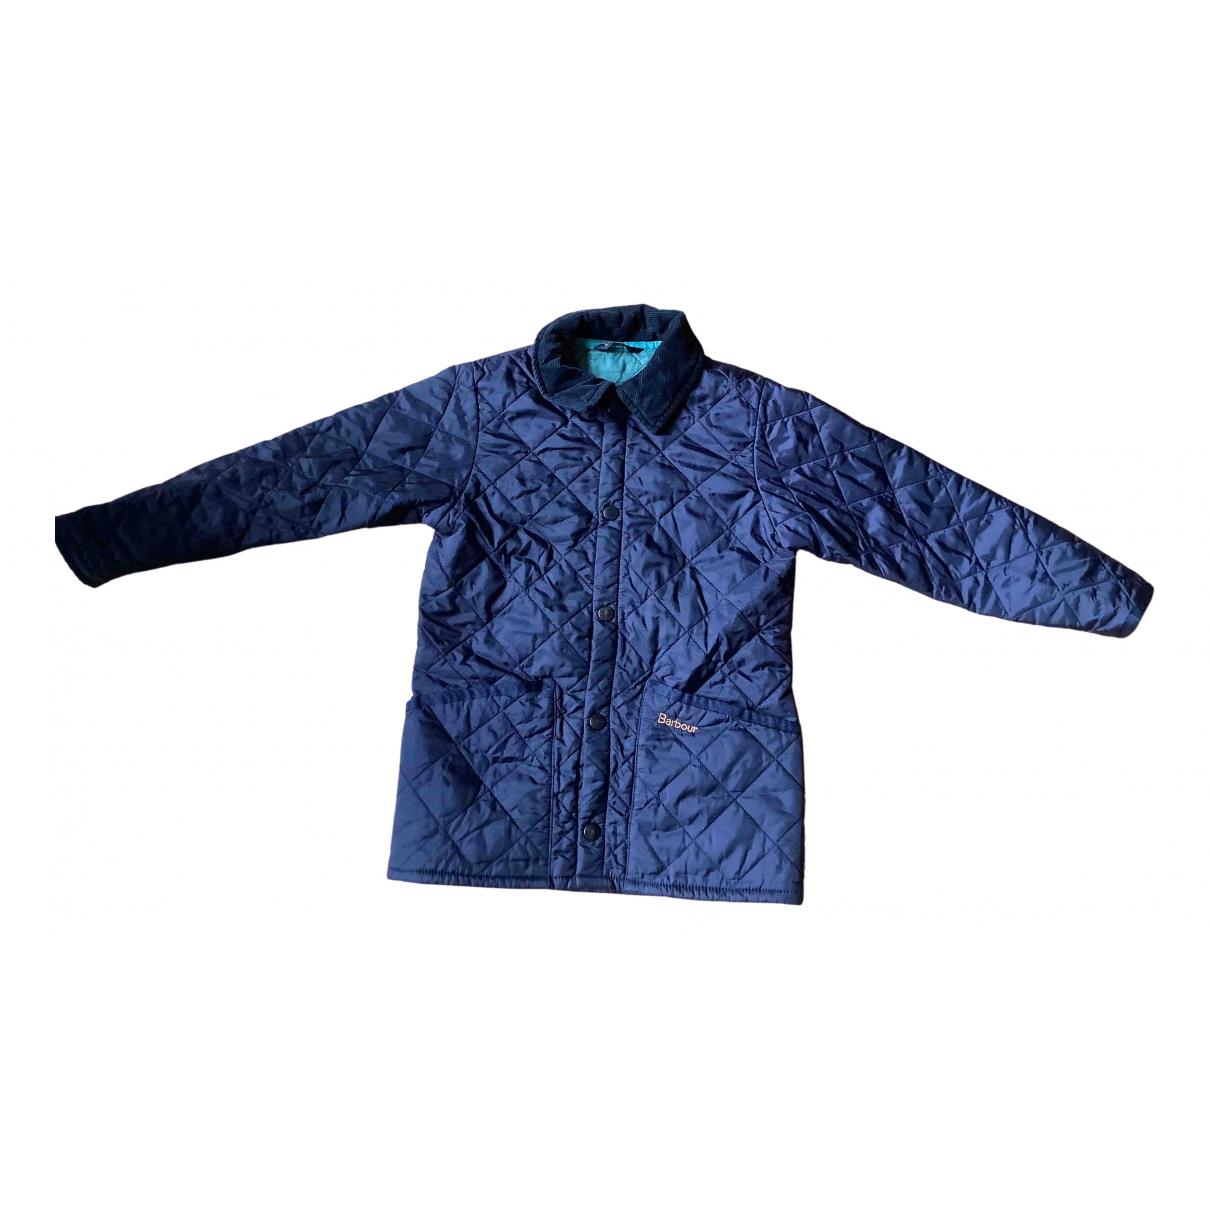 Barbour - Blousons.Manteaux   pour enfant - marine